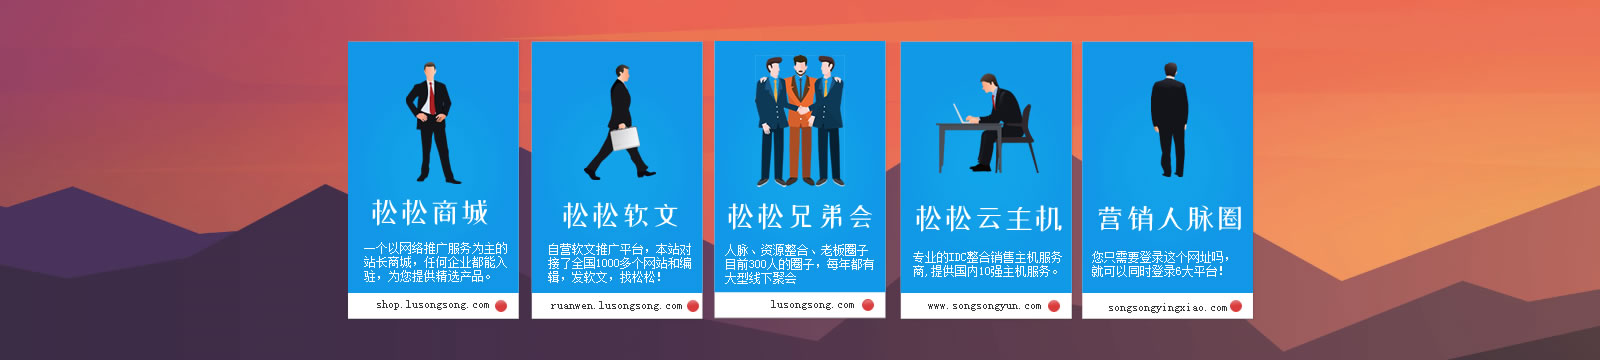 """卢松松获""""2017年度中国网络营销行业十佳年度人物奖"""""""